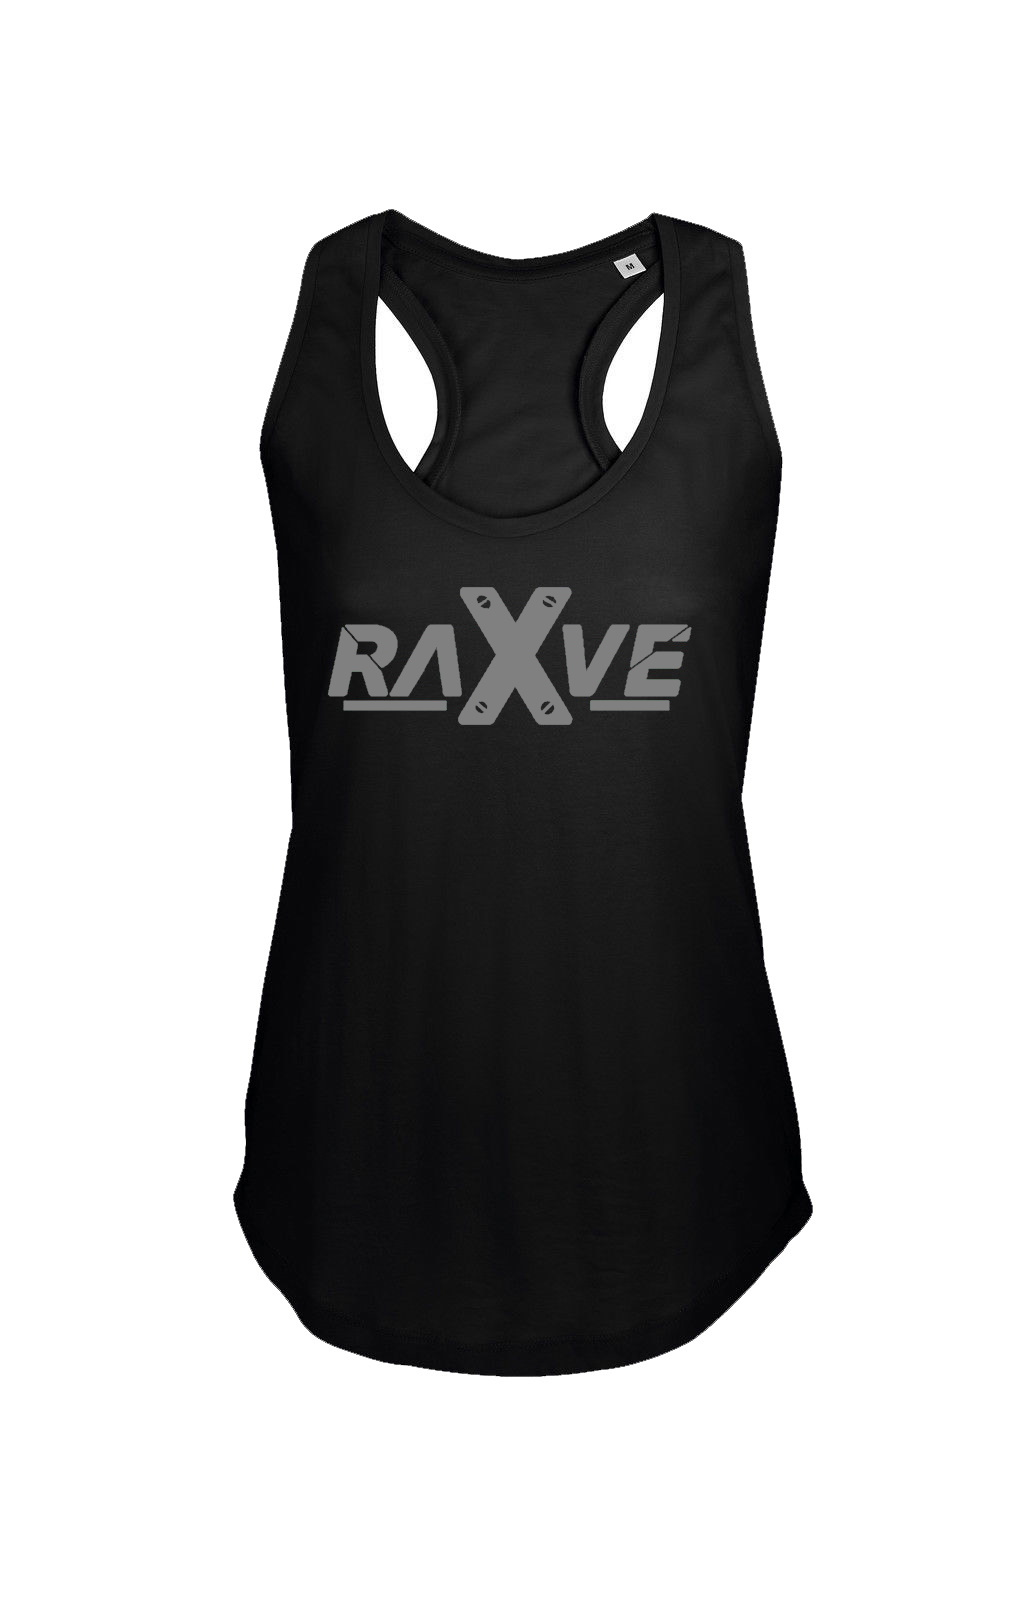 """Women Tank Top von RAVE X Model """"RAVE x 2k21"""" in Schwarz mit Weiss oder Relfex"""